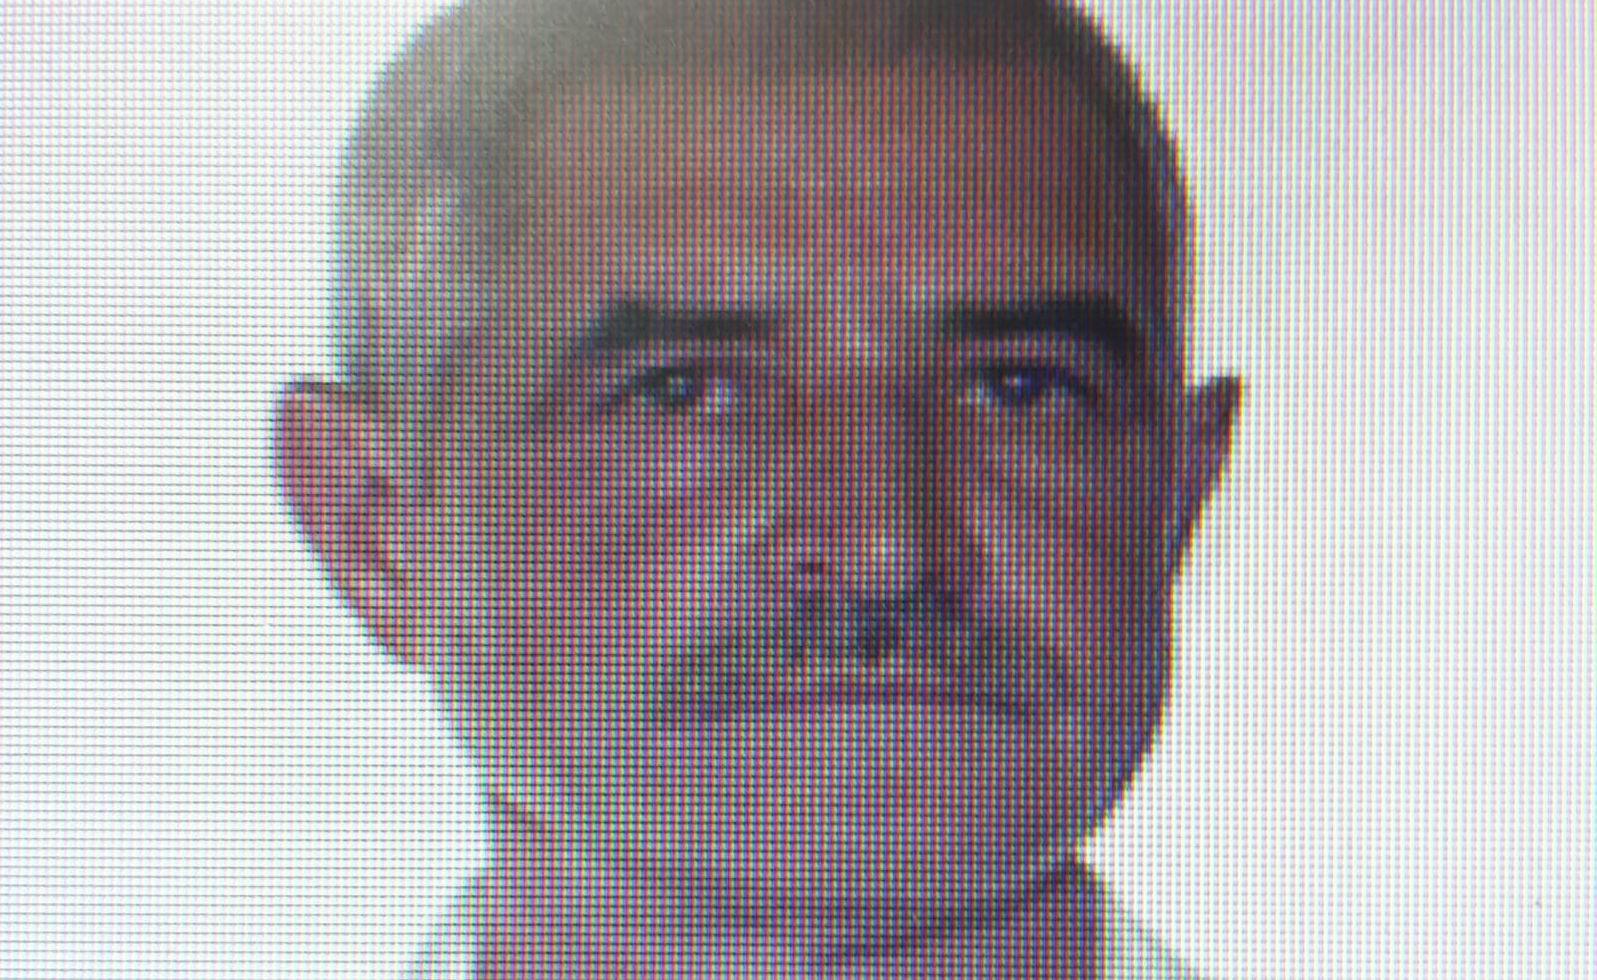 Bărbat din Făurei, dar dispărut de familie